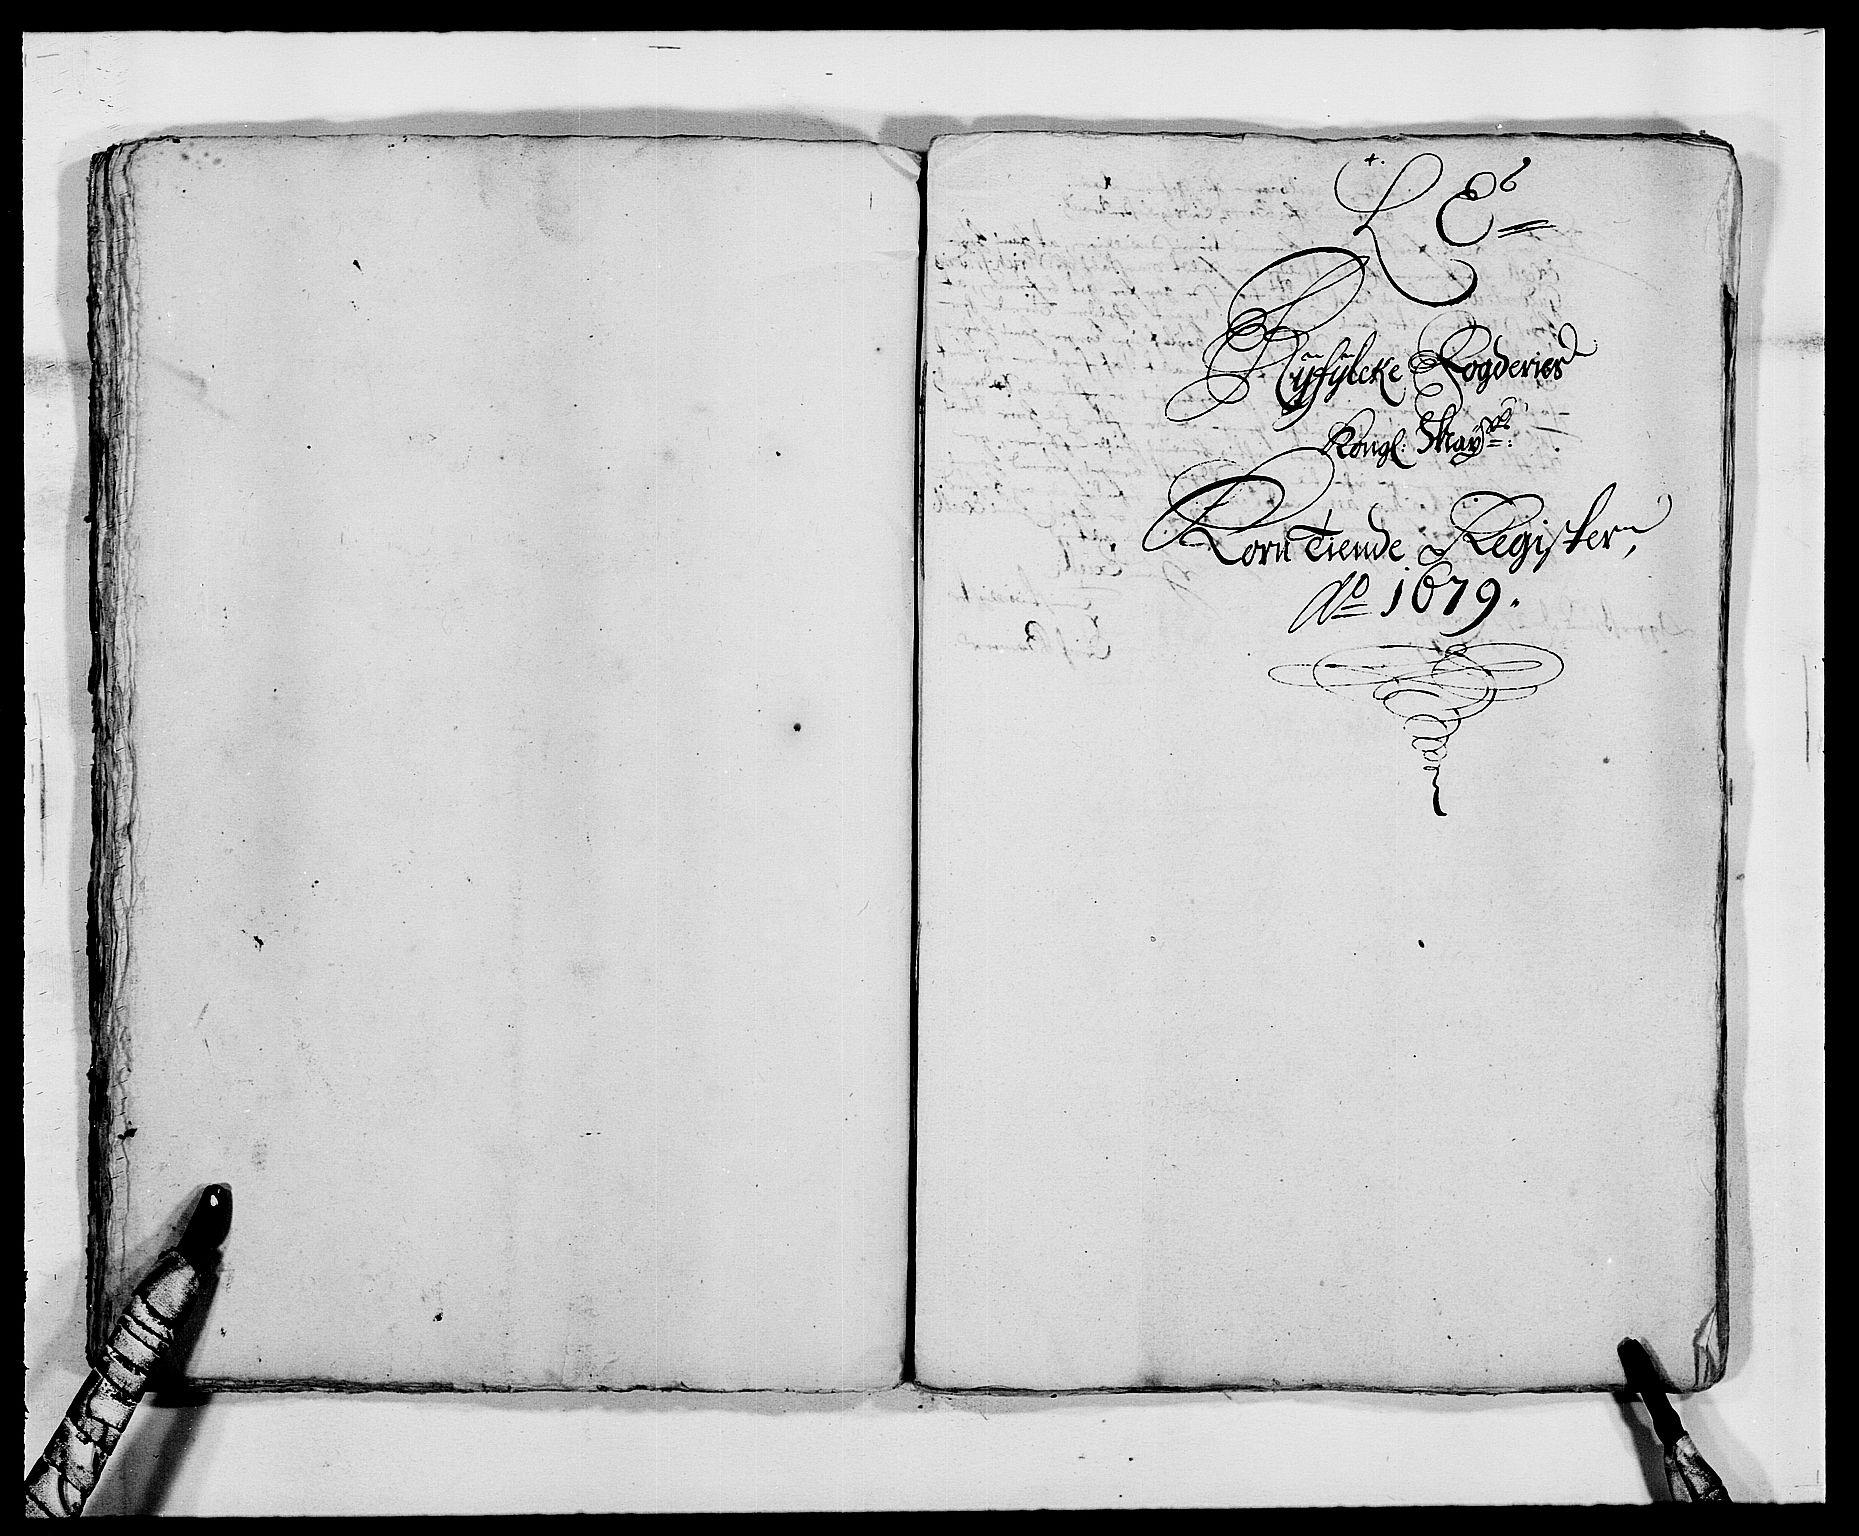 RA, Rentekammeret inntil 1814, Reviderte regnskaper, Fogderegnskap, R47/L2849: Fogderegnskap Ryfylke, 1679, s. 137